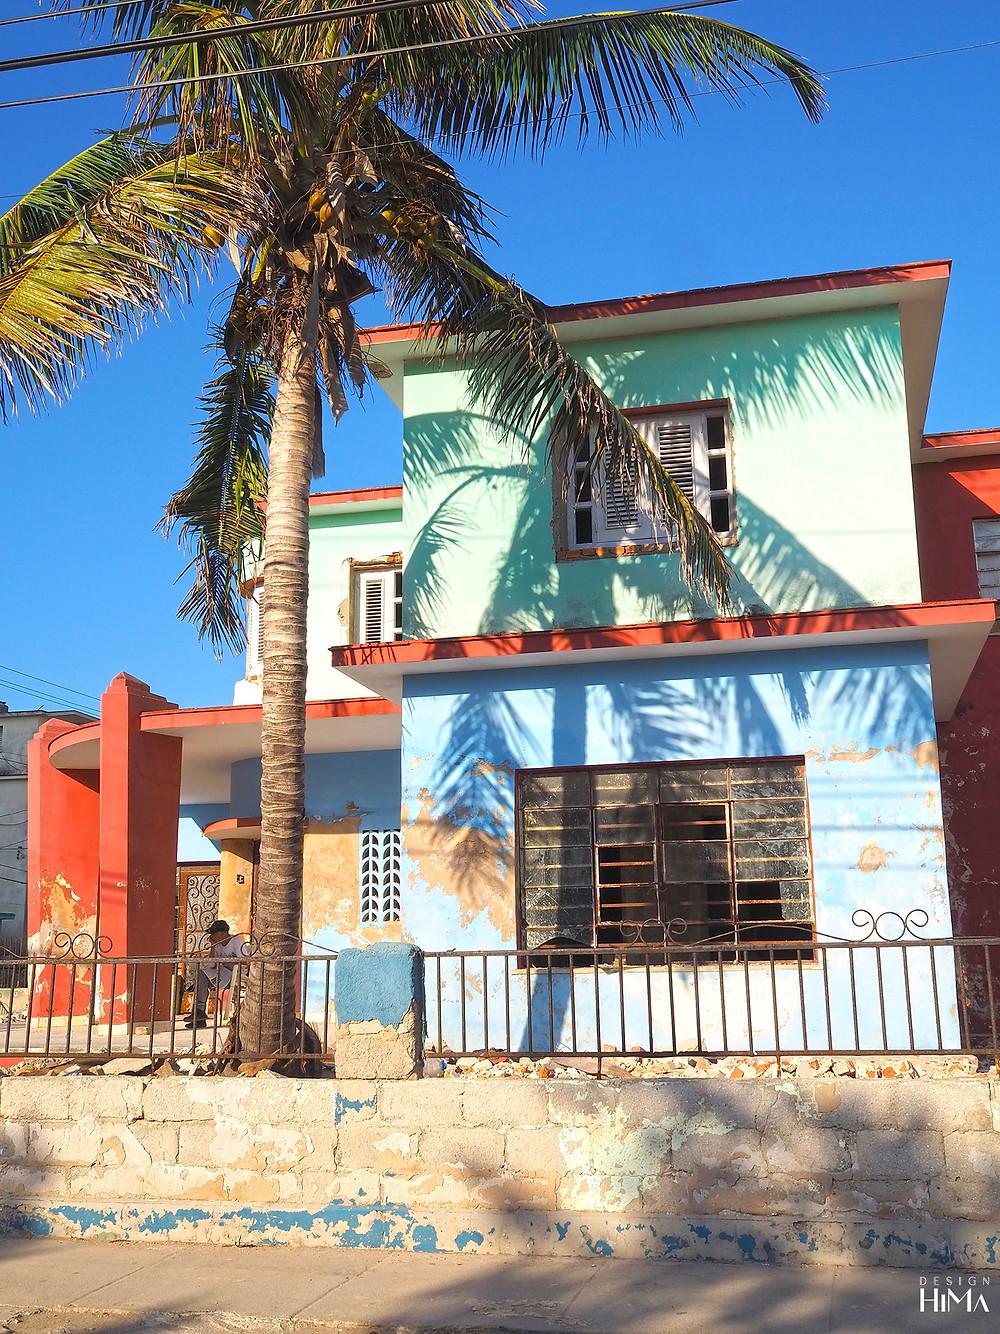 Paikallinen asumus Havannassa